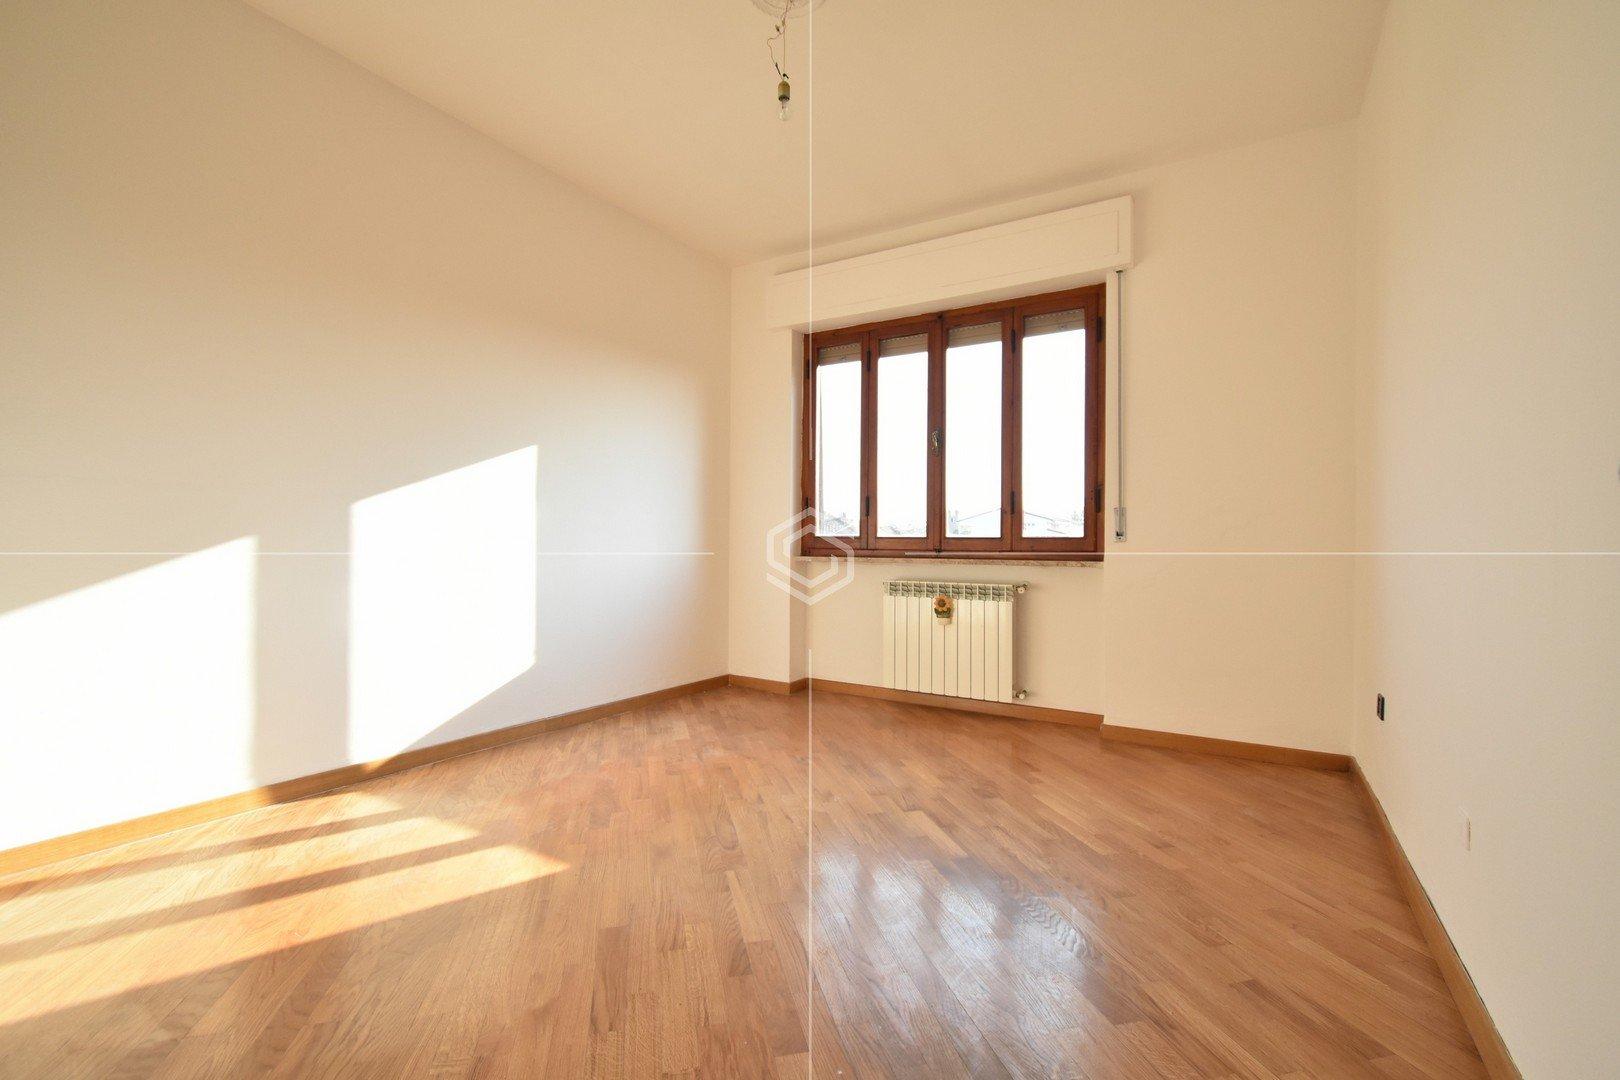 Appartamento luminoso in vendita a Uliveto Terme, Pisa